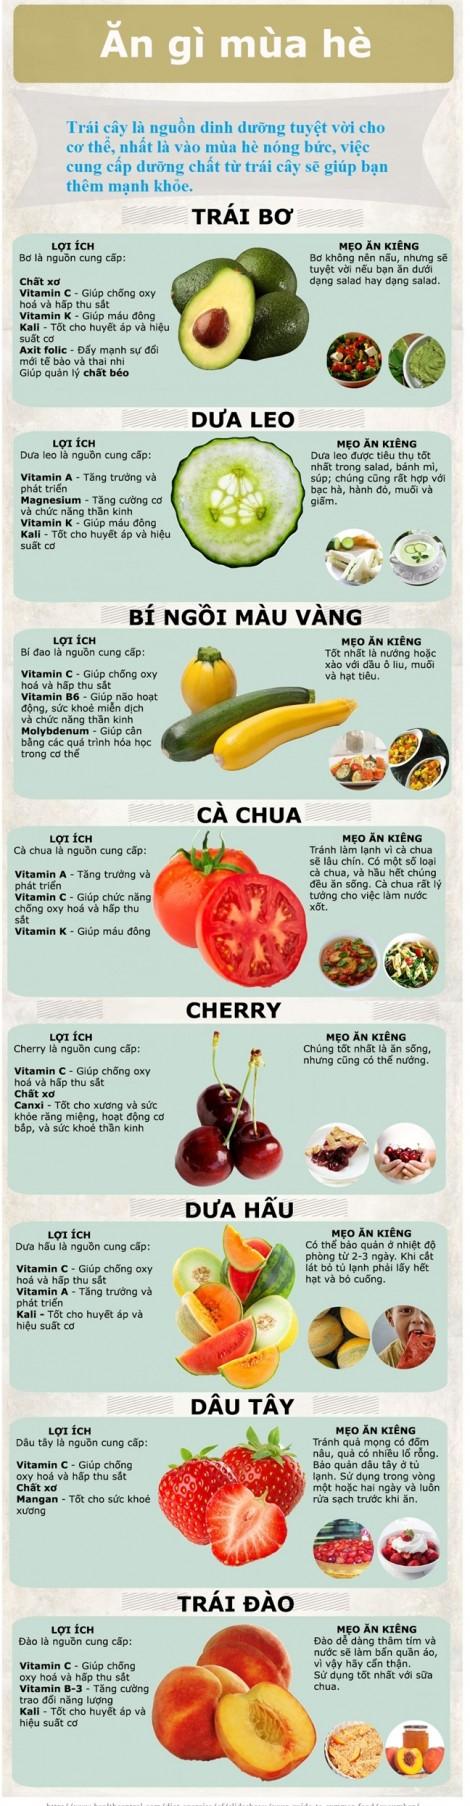 Trái cây tốt cho sức khỏe mùa hè